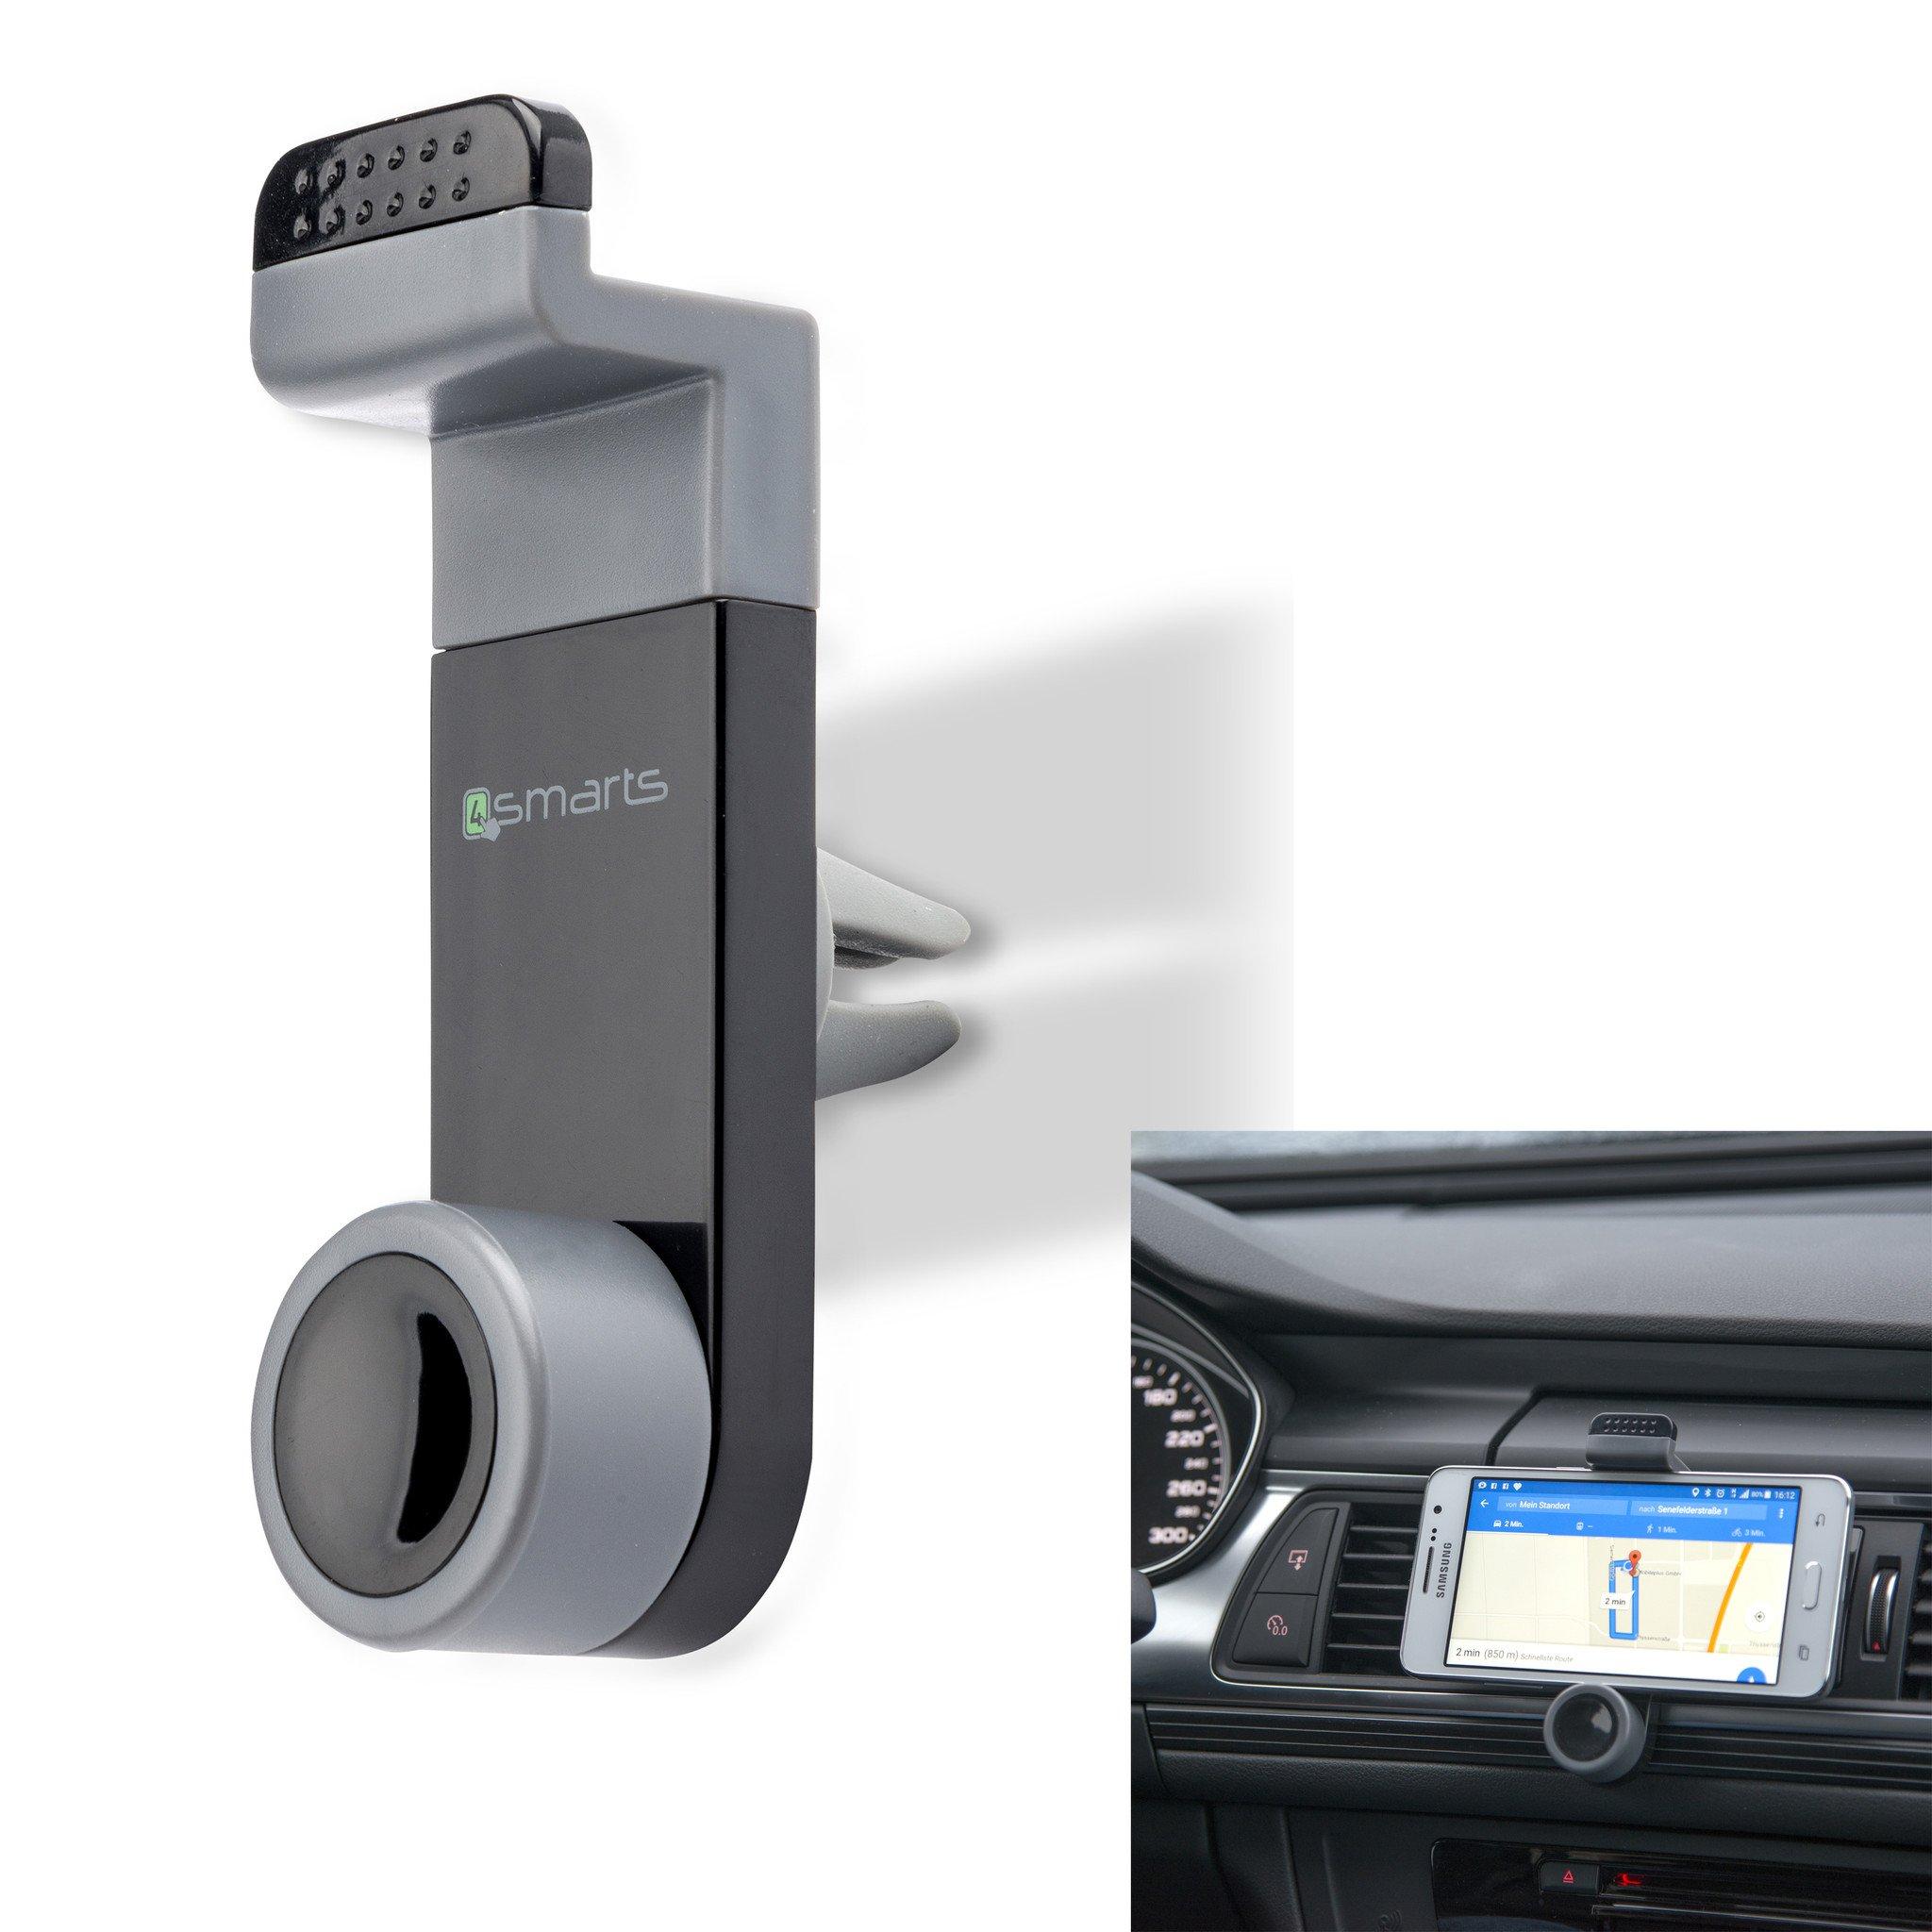 Image of   4smarts Car Air Vent Mobilholder til Bil - Grå / Sort